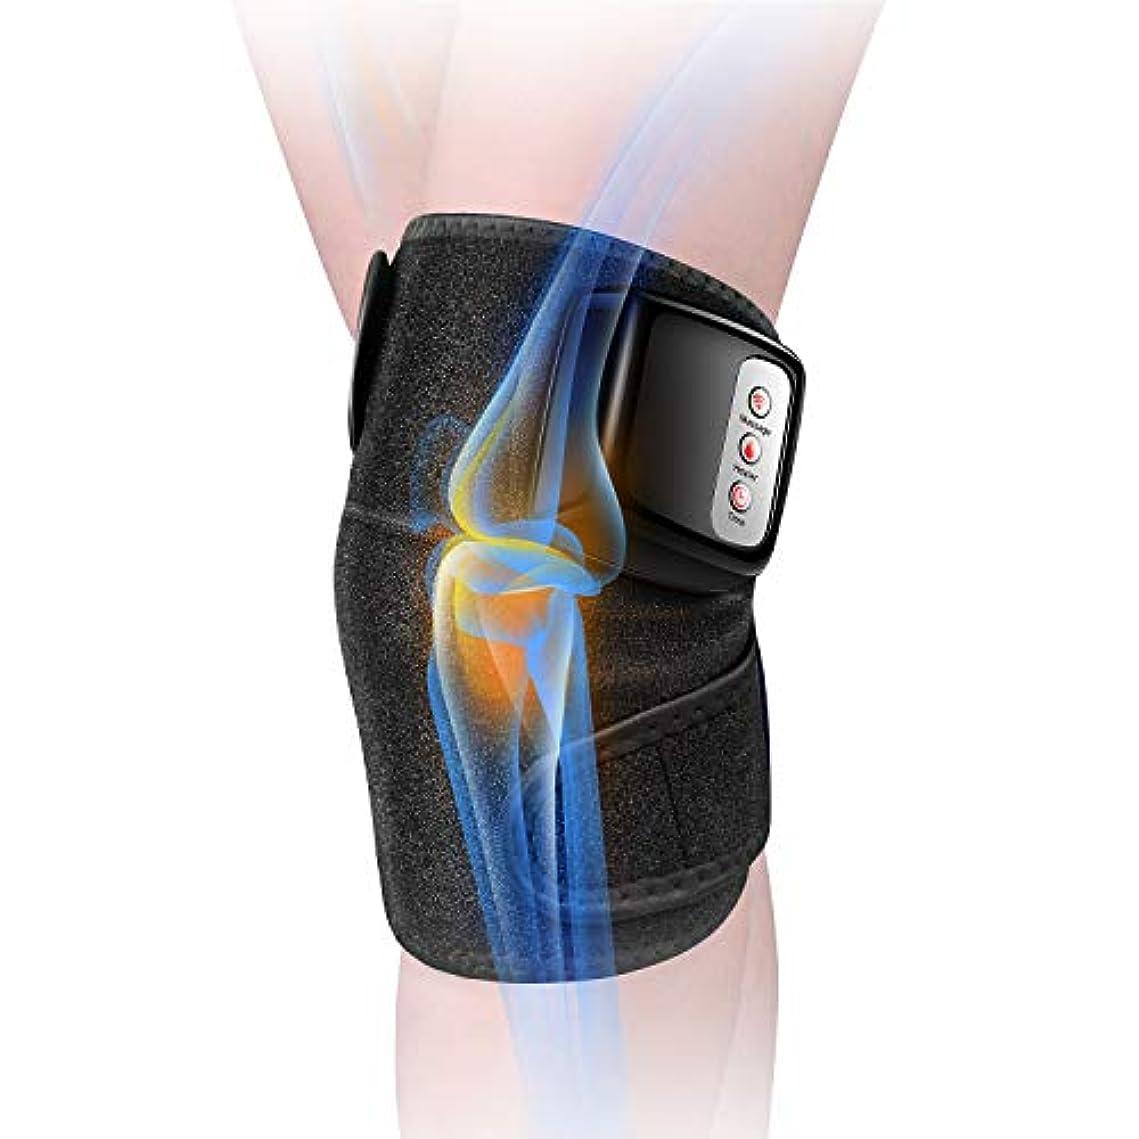 母視力汚い膝マッサージャー 関節マッサージャー マッサージ器 フットマッサージャー 振動 赤外線療法 温熱療法 膝サポーター ストレス解消 肩 太もも/腕対応